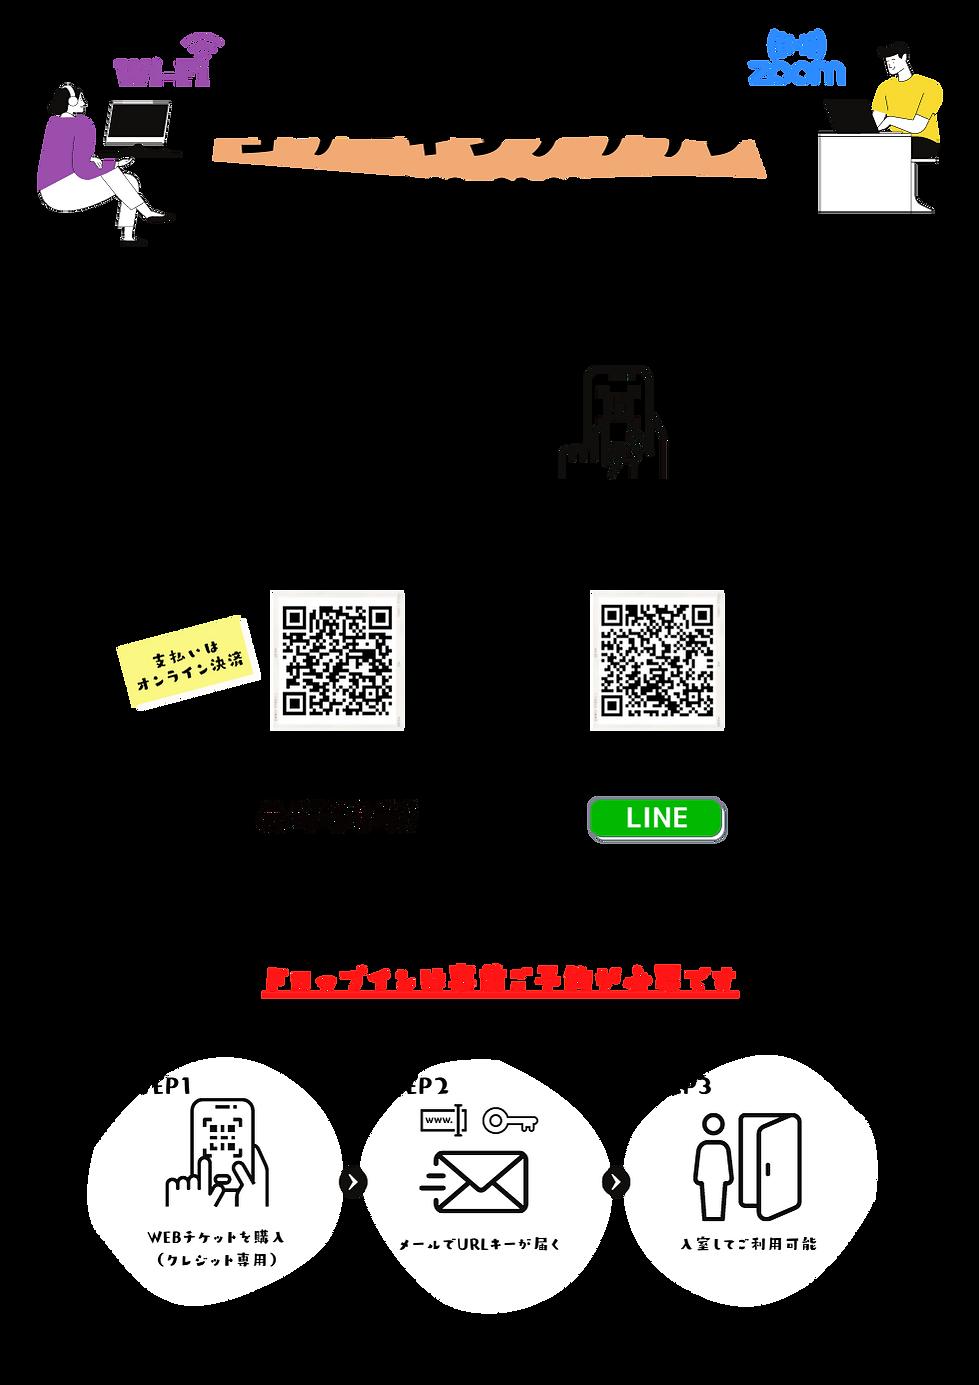 HP用 プラン表 沖縄のコワーキングスペース・エンタメ酒場NRG2.png